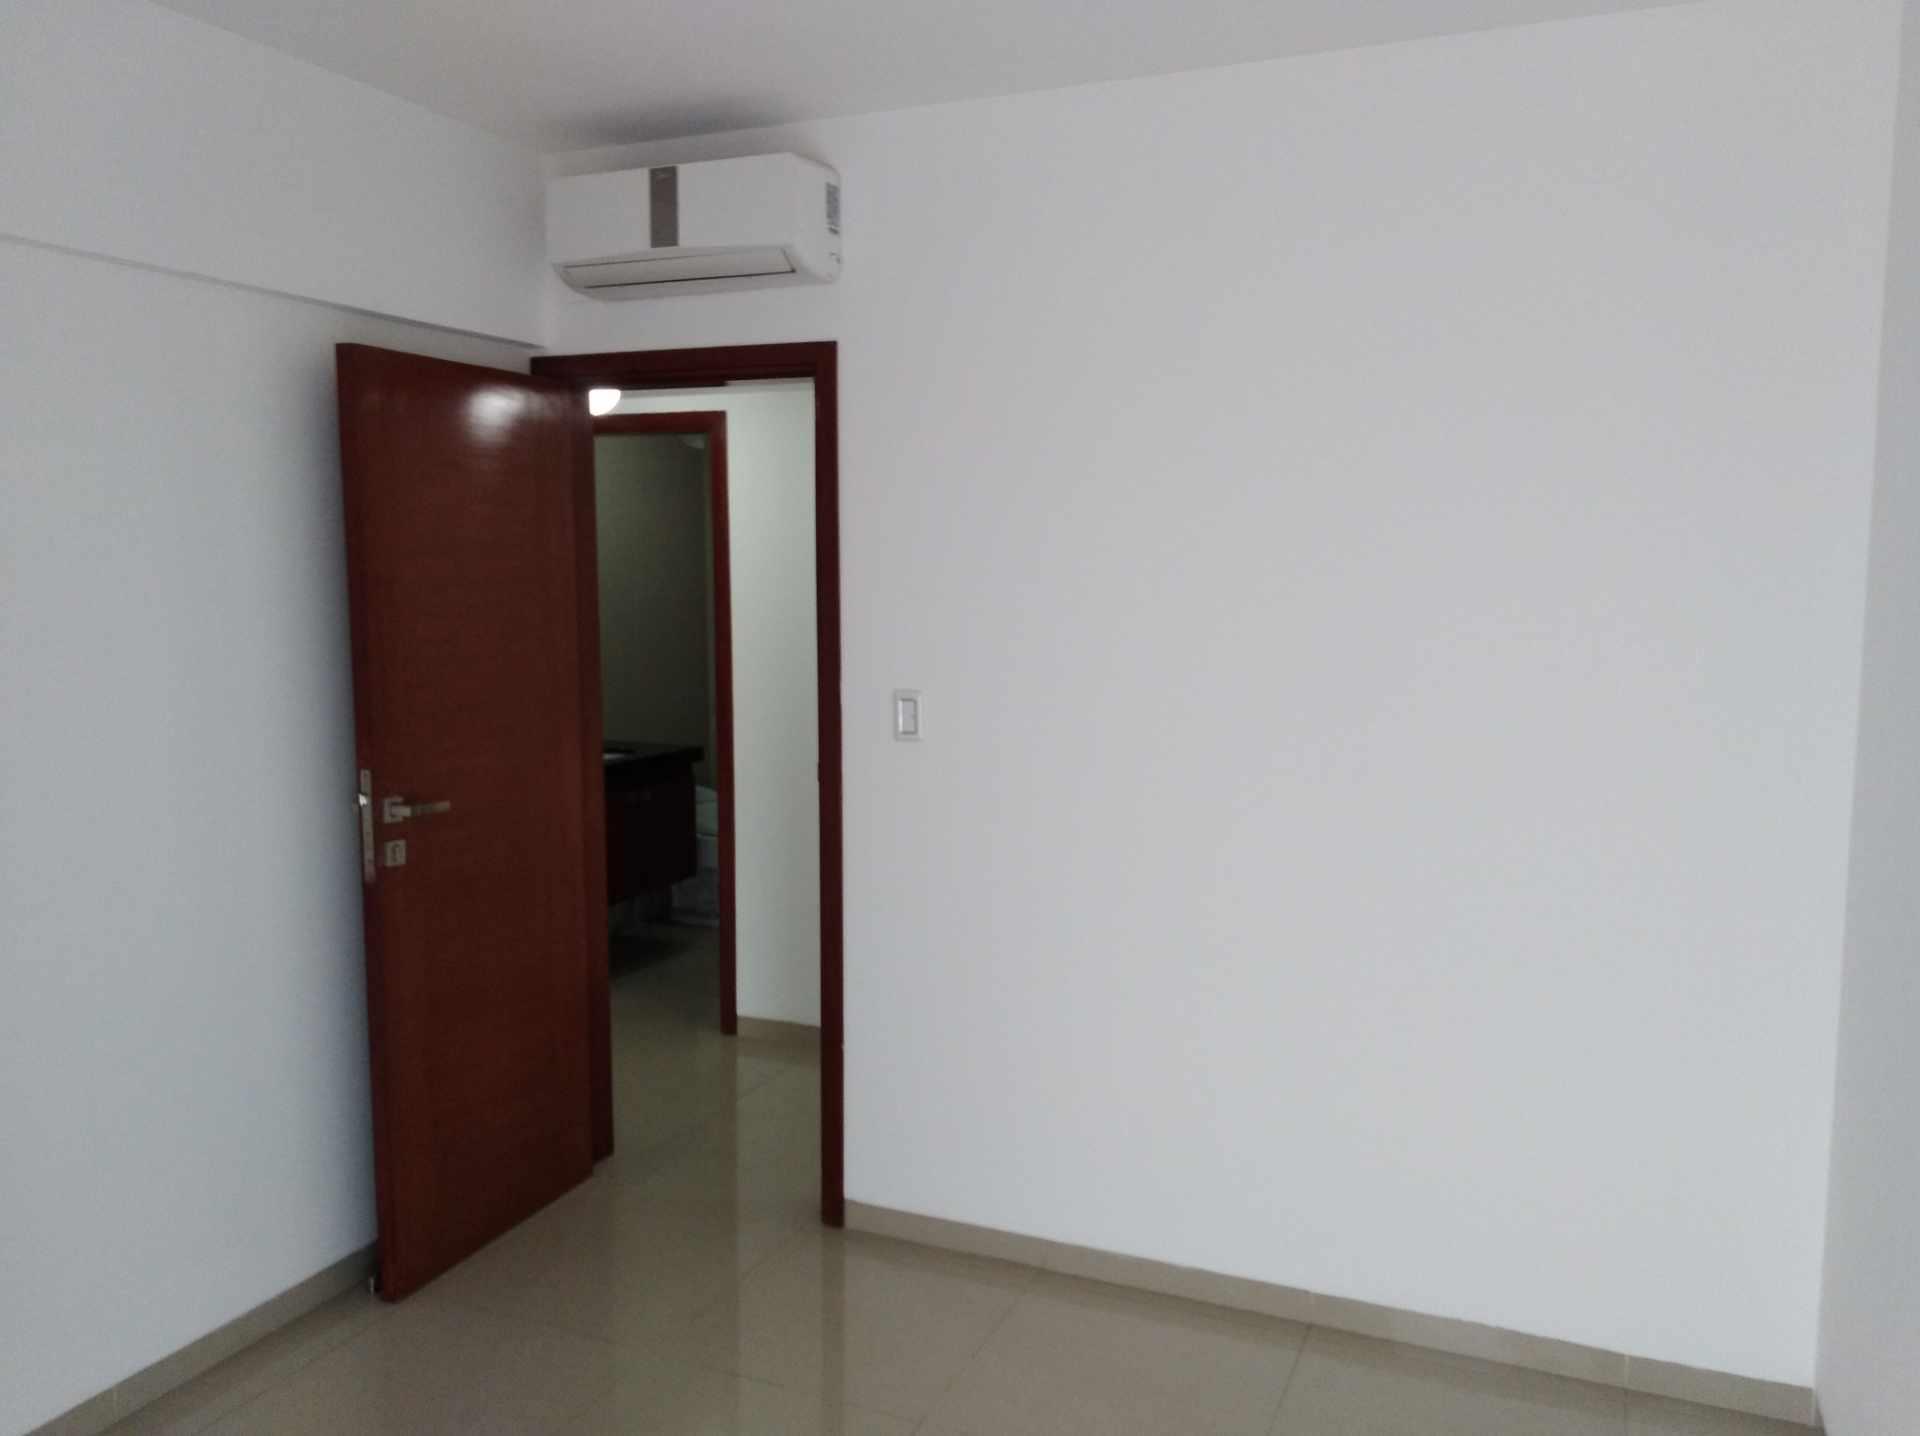 Departamento en Venta Av. Los Cusis, Condominio Mythos, entre Av. Beni y Alemania Foto 11